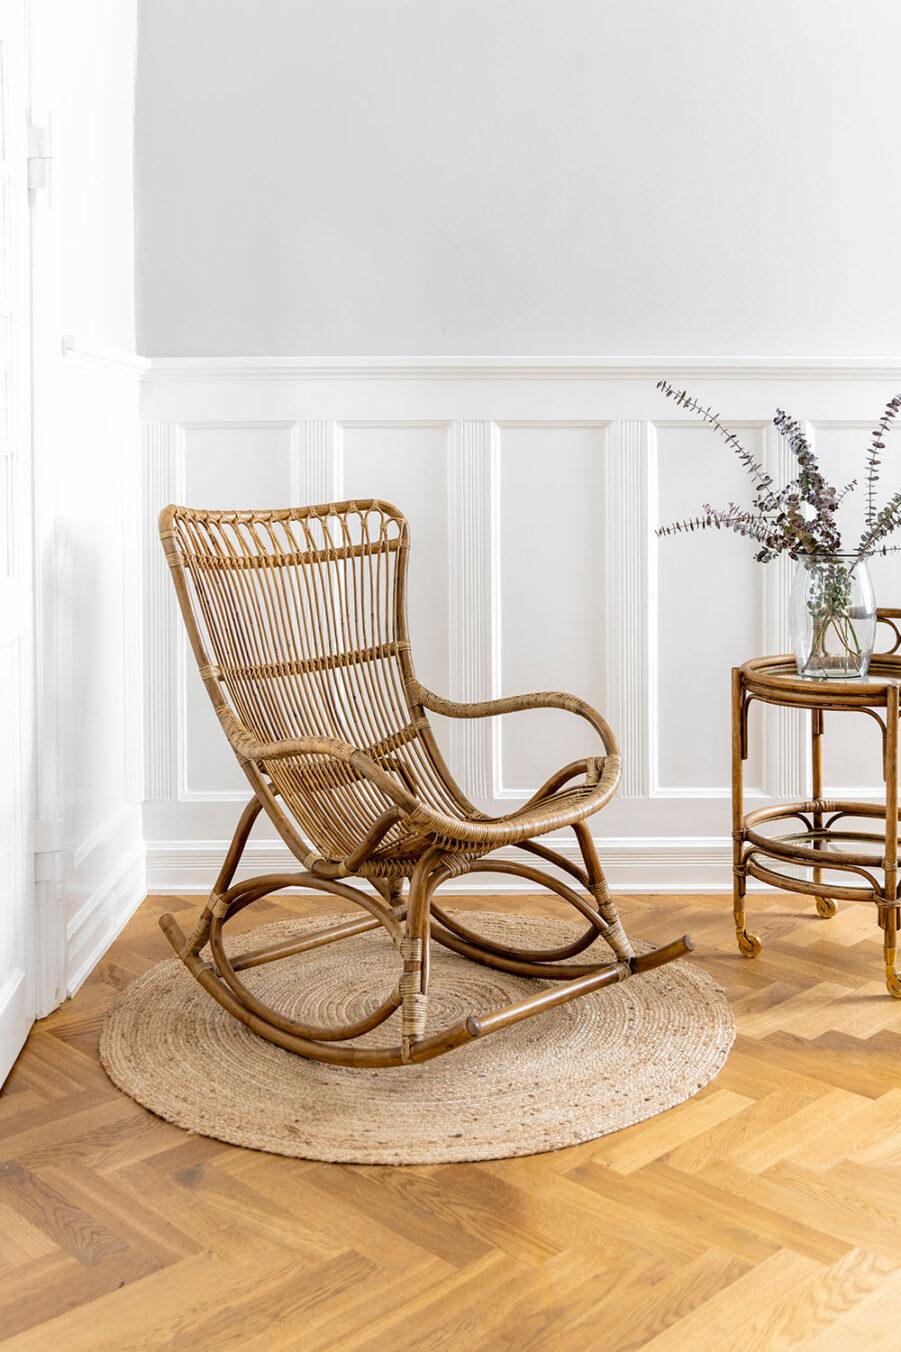 Sika-Design Monet gungstol antik